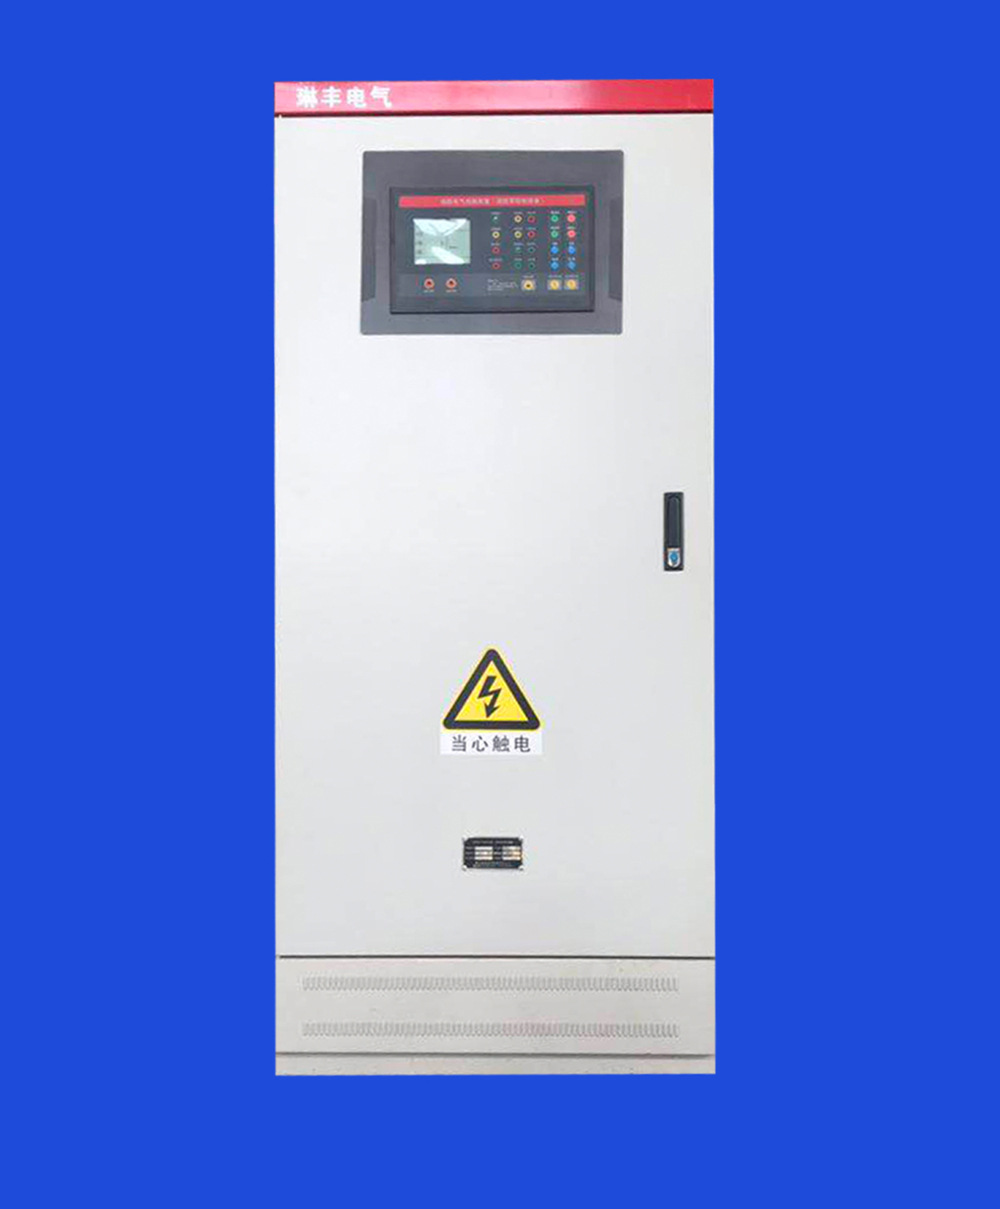 LINFENG tủ điện Chứng nhận 3CF 30KW chữa cháy tự động kiểm soát tủ điều khiển điện áp thấp hoàn thàn